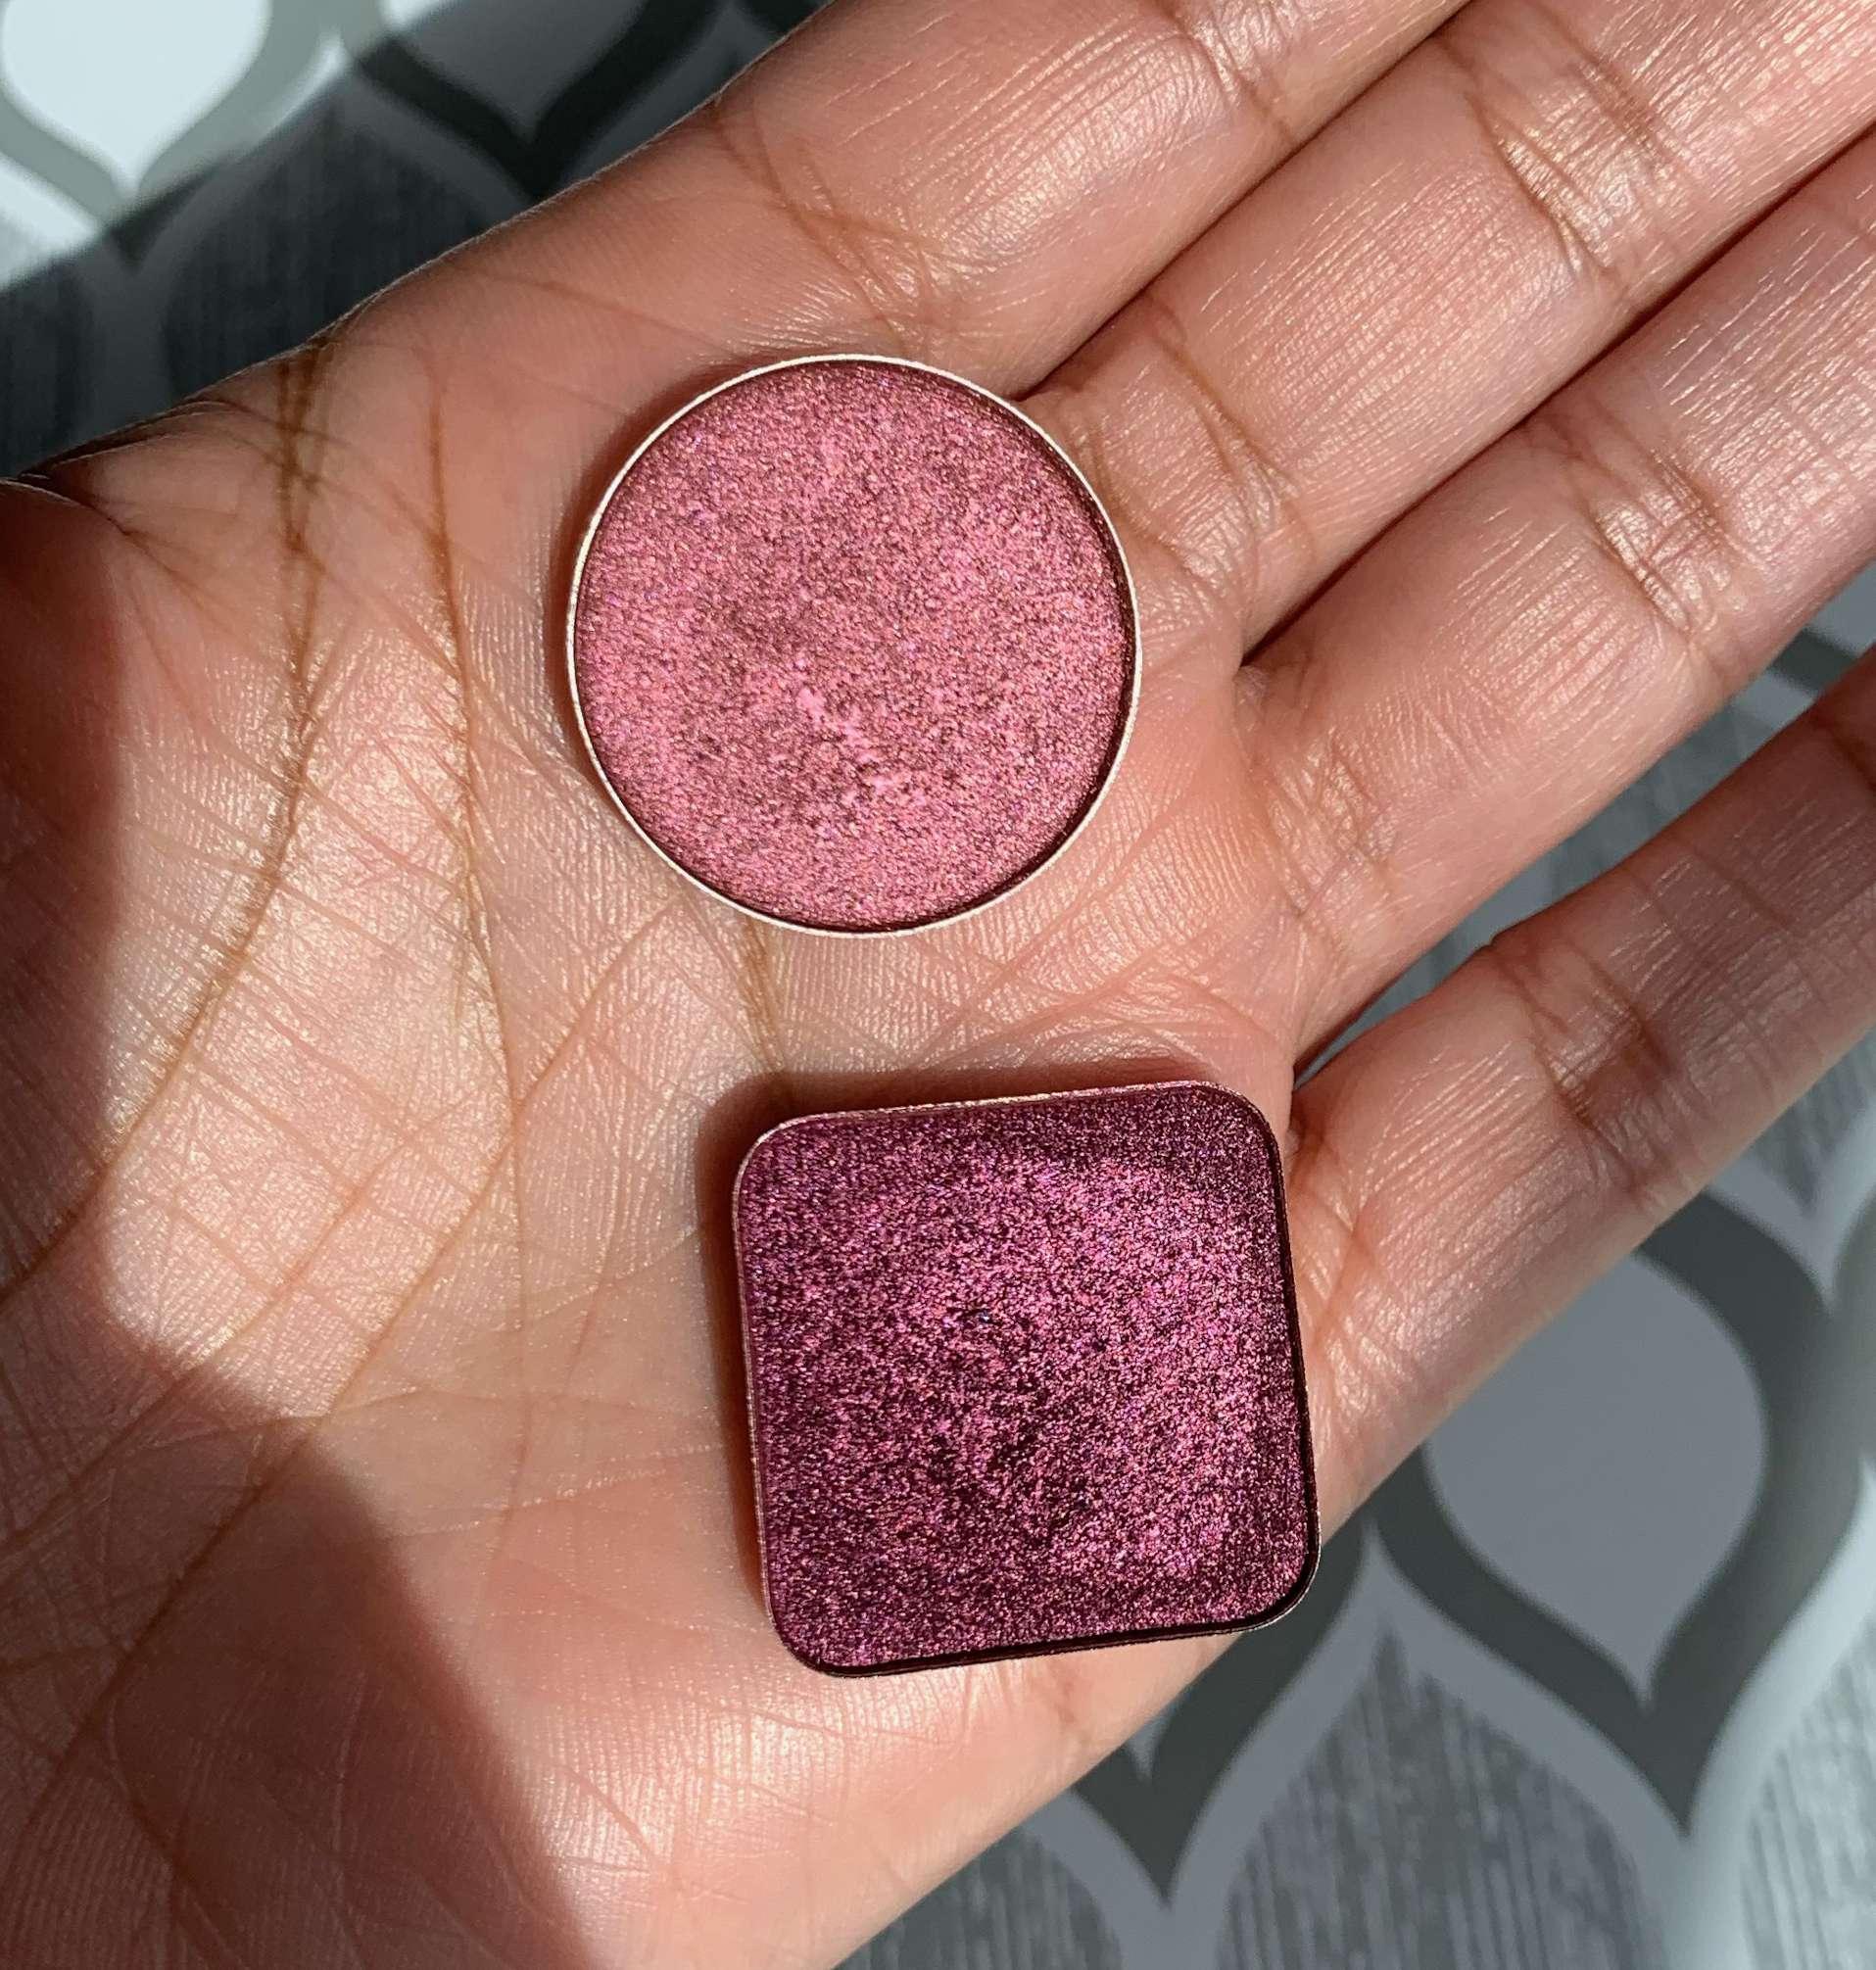 MAC Cranberry Eyeshadow vs Makeup Geek Mystical Foiled Eyeshadow